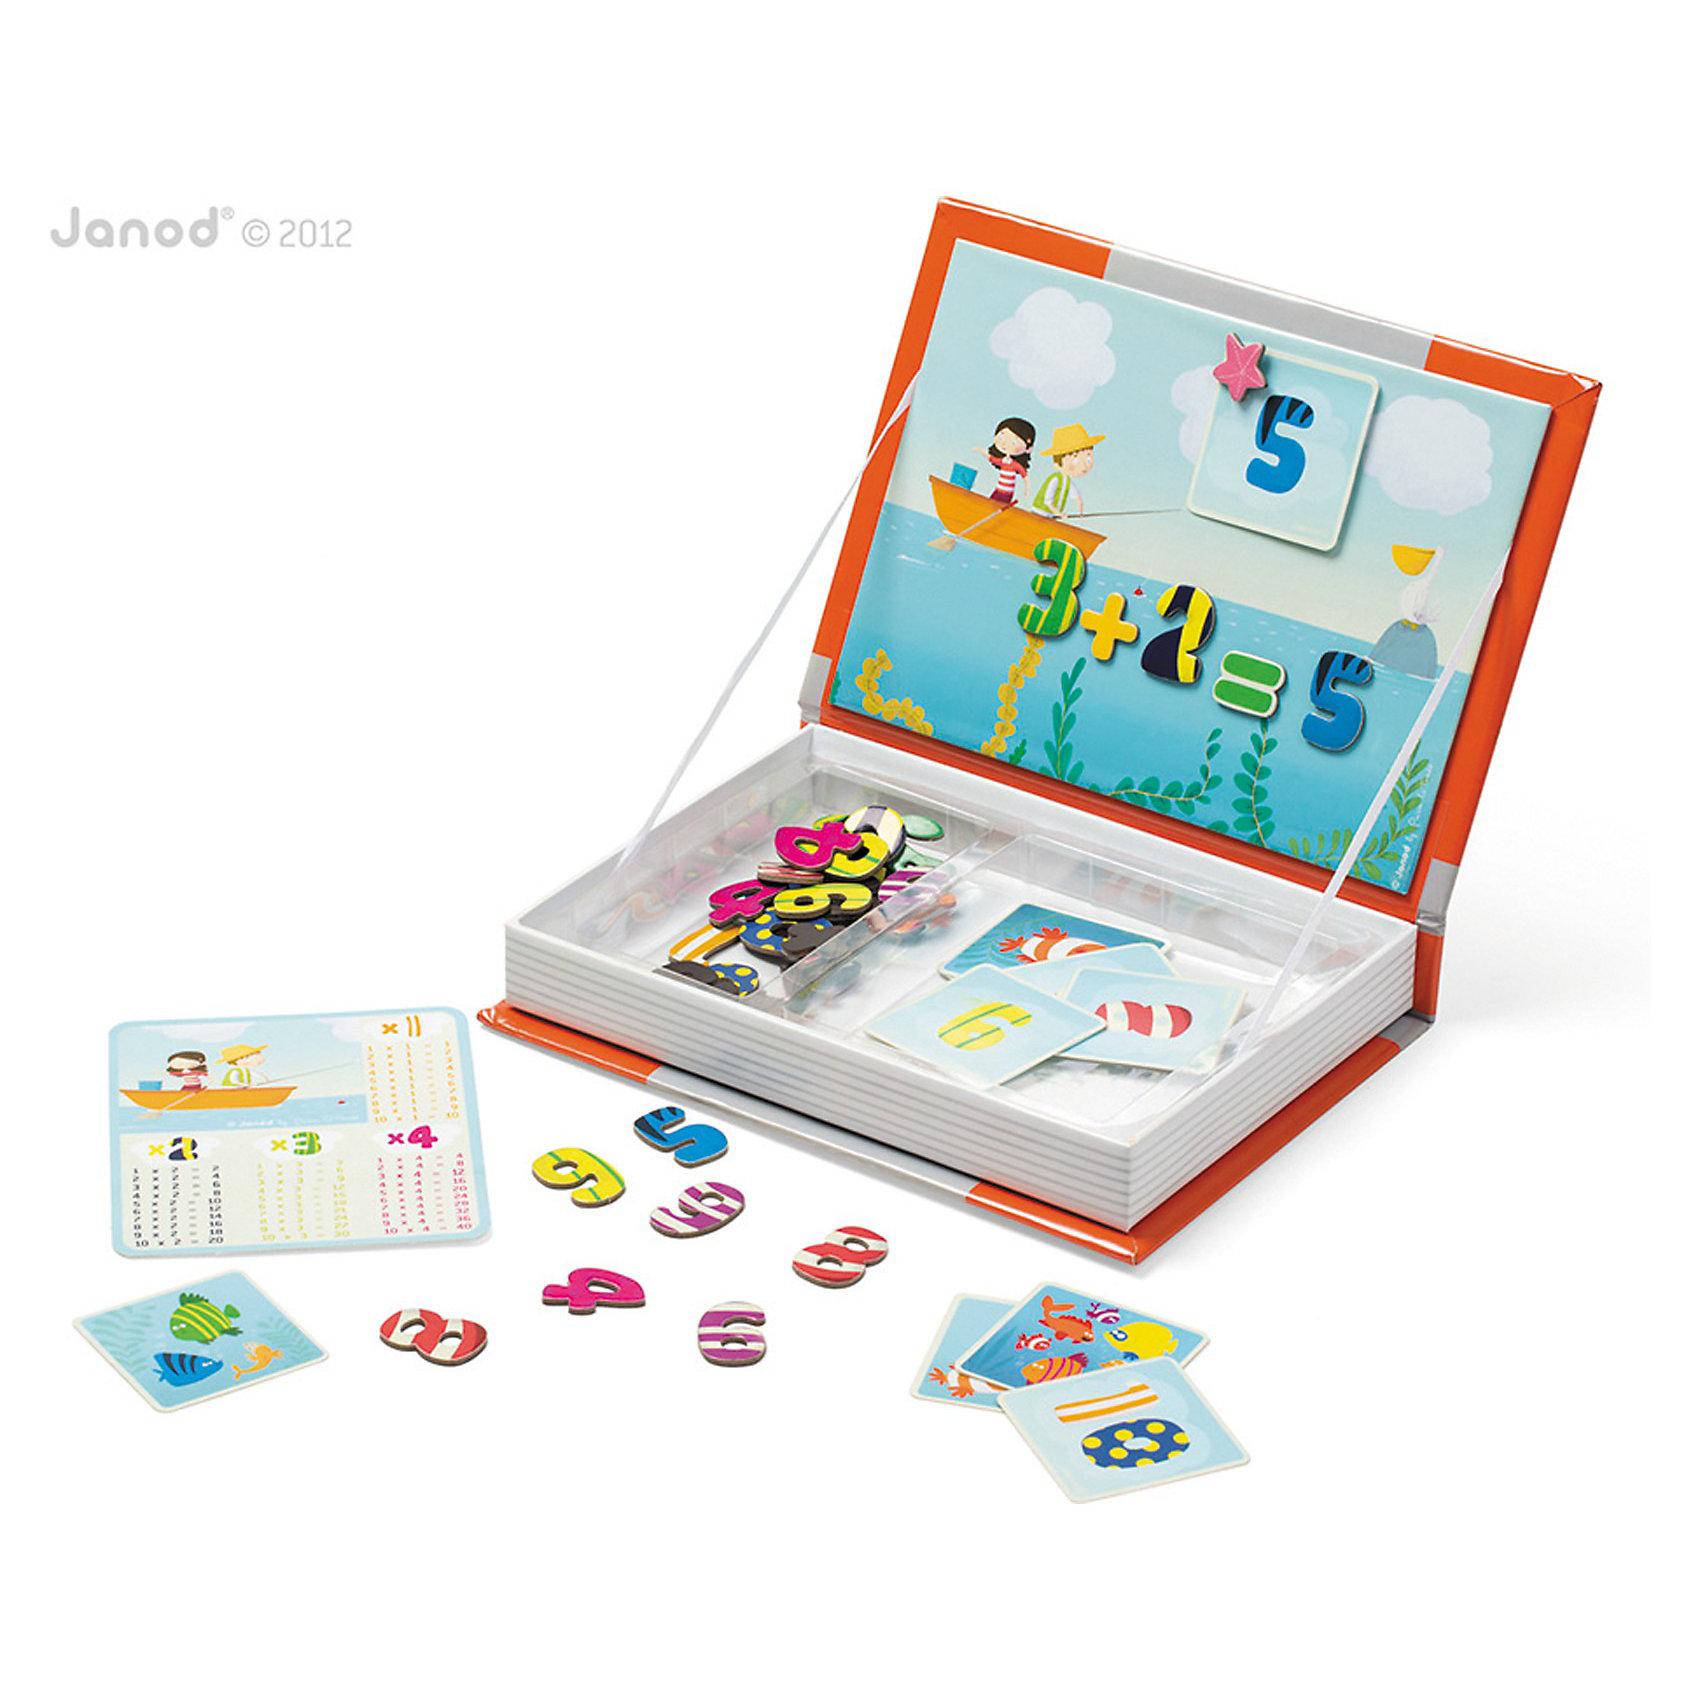 janod магнитная книга игра лошадки 24 магнита 8 моделей 4 пейзажа Janod Магнитная книга-игра Учимся считать, Janod